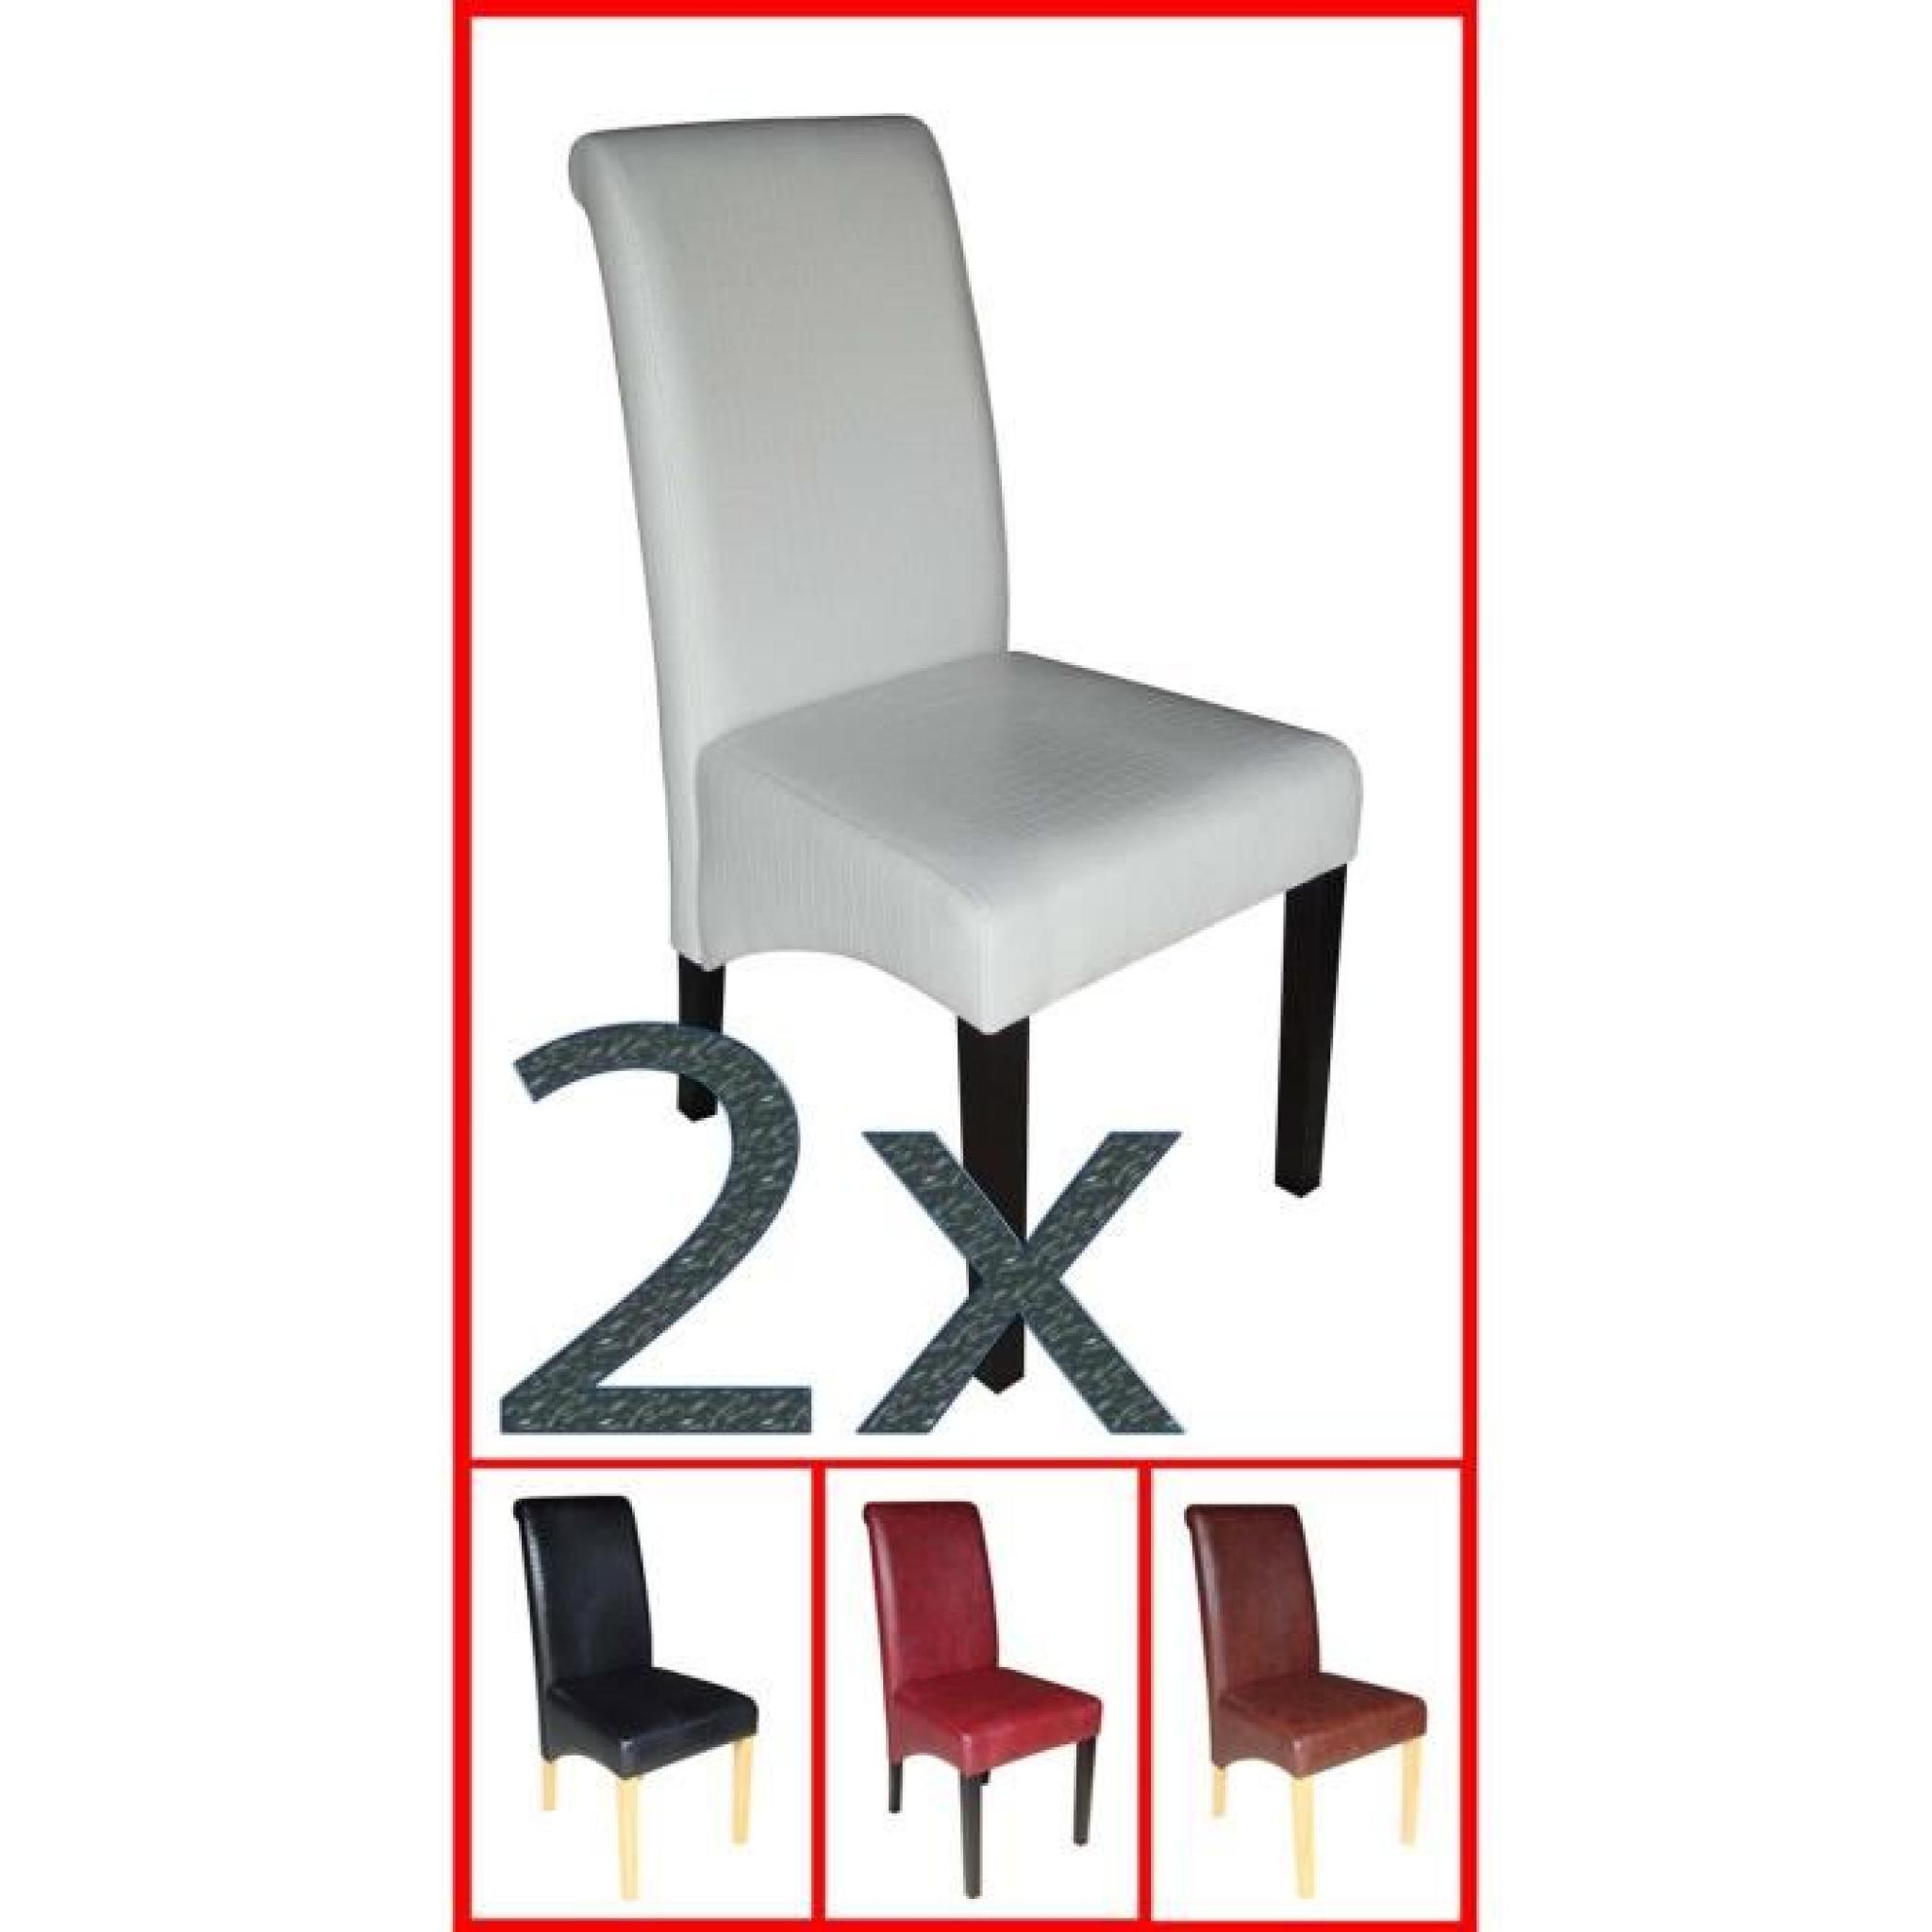 Lot de 2 chaises en pu coloris cr me forme de crocodile avec pieds noirs en - Chaise avec pied en bois ...